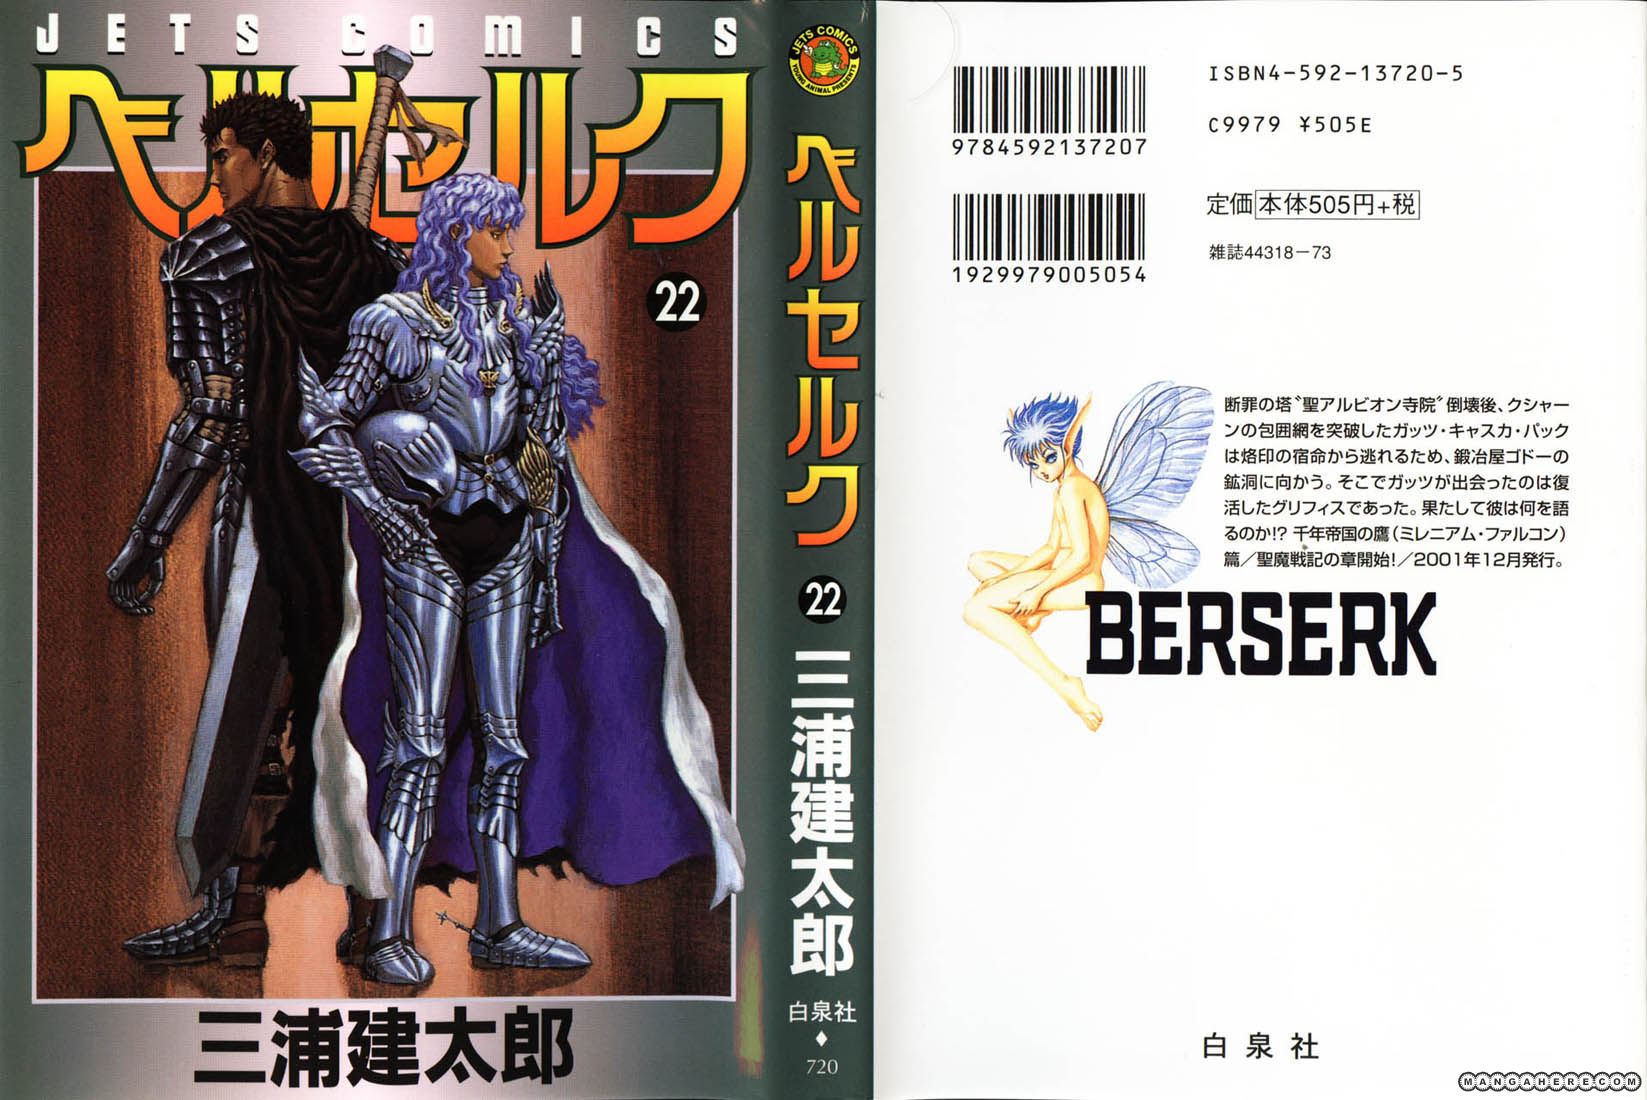 Berserk 192 Page 1